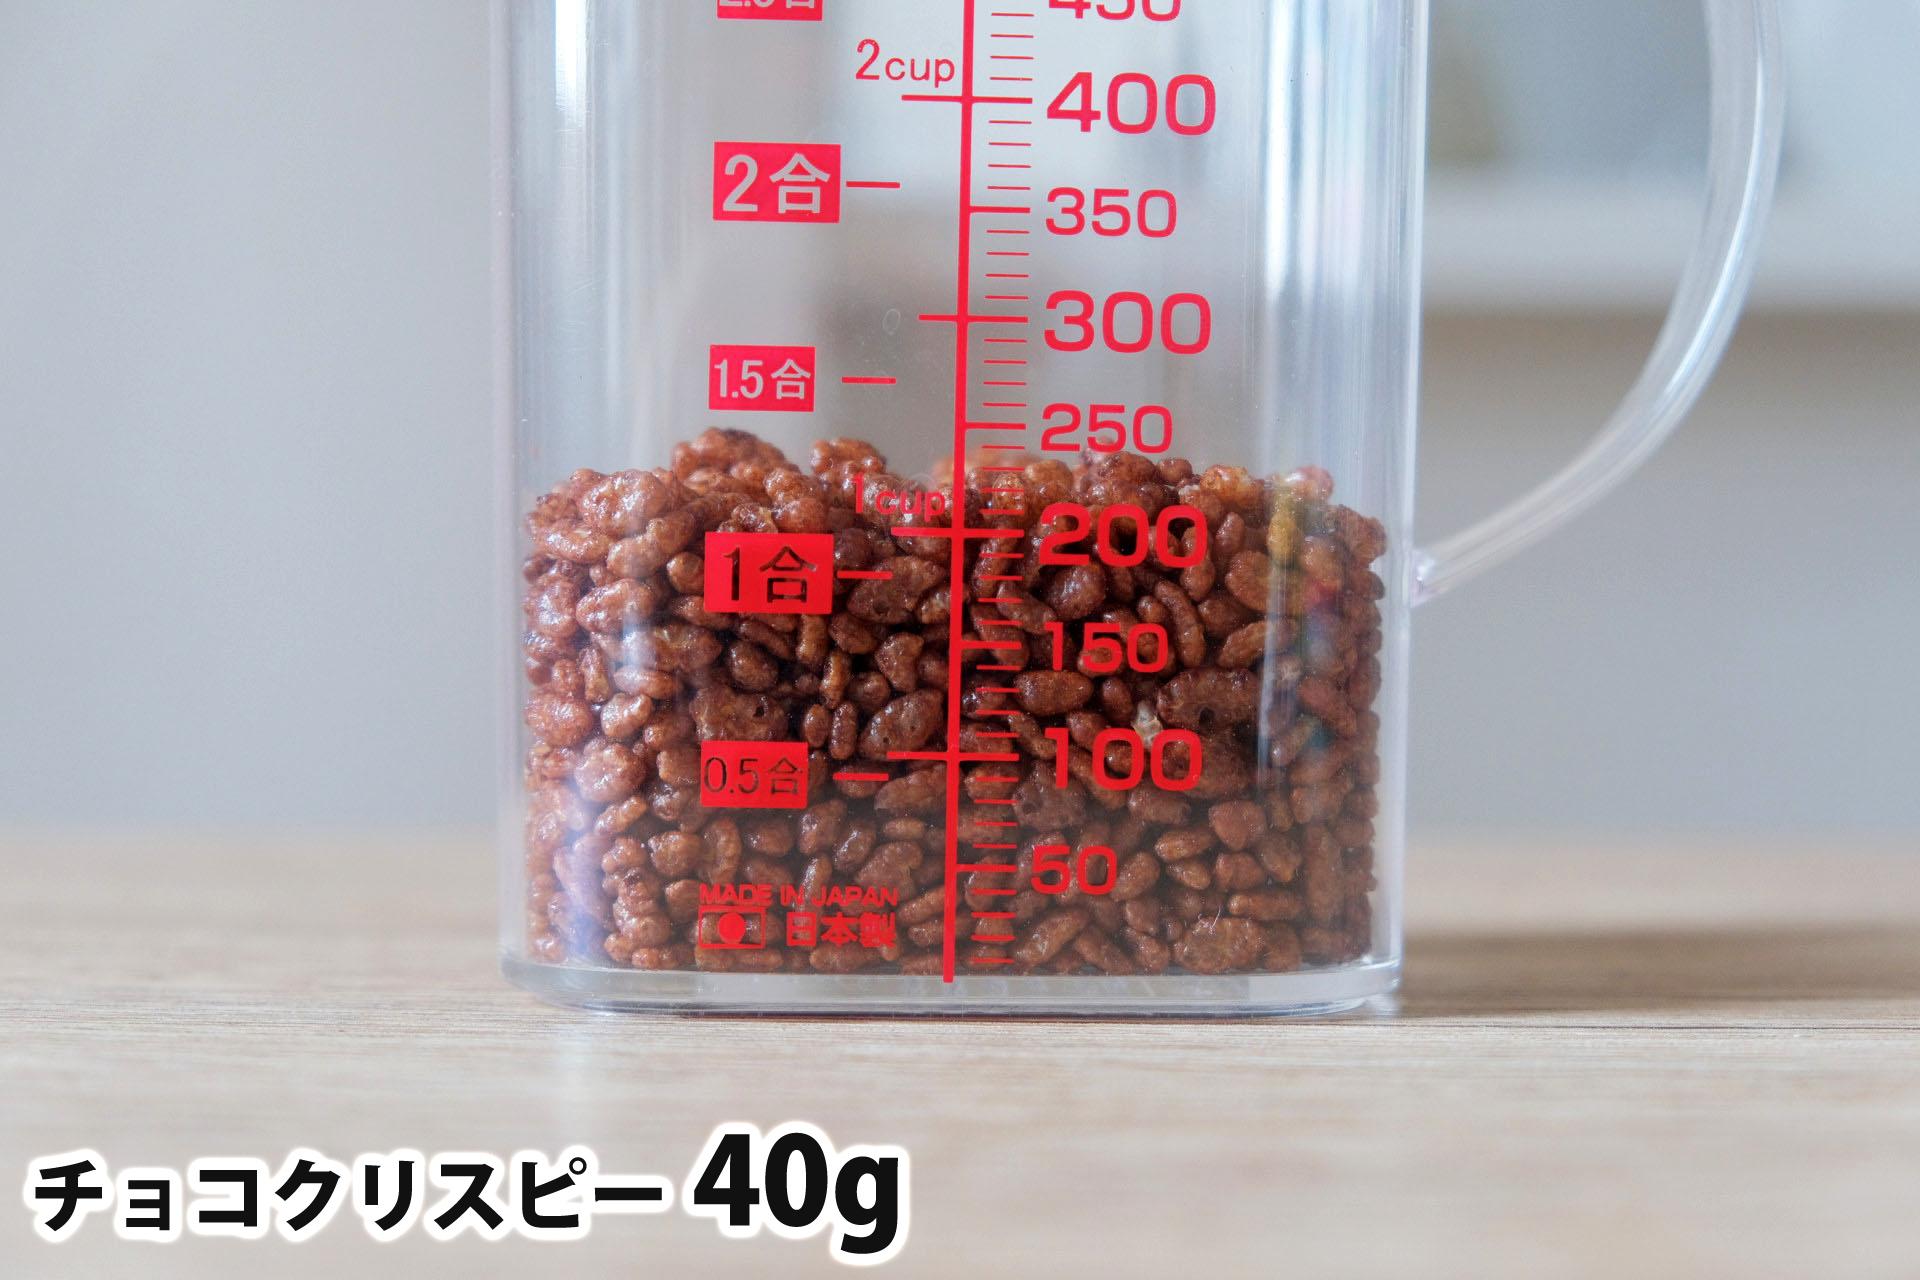 チョコクリスピー40gの分量